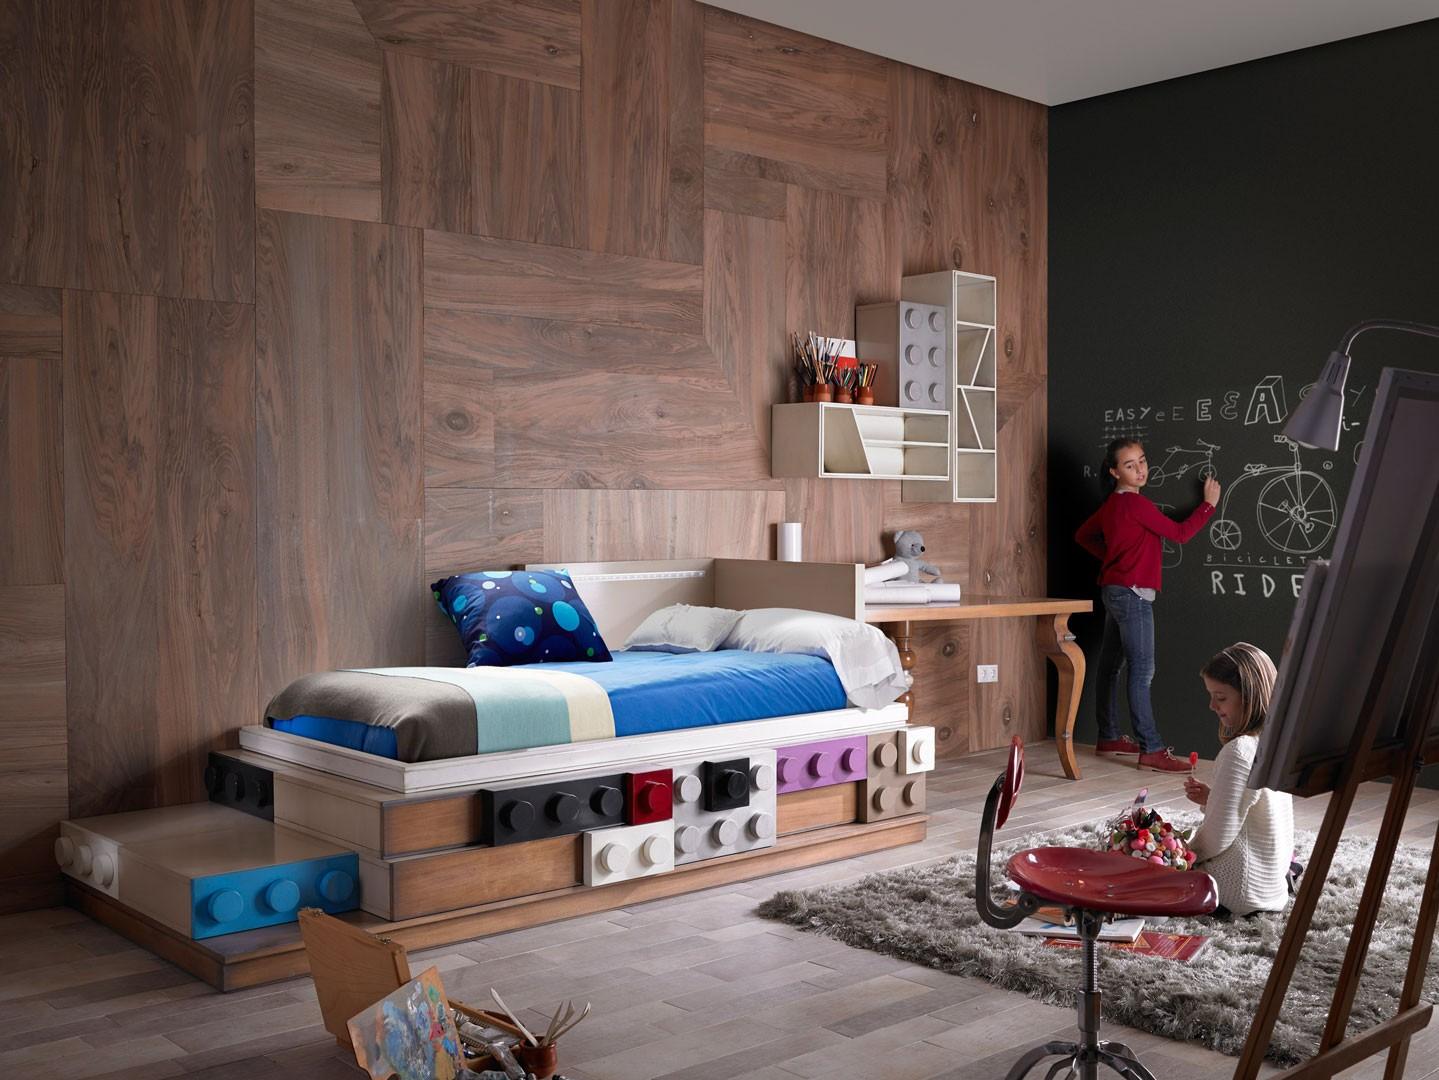 Dormitorios juveniles con estilo 10decoracion - Dormitorios con estilo ...